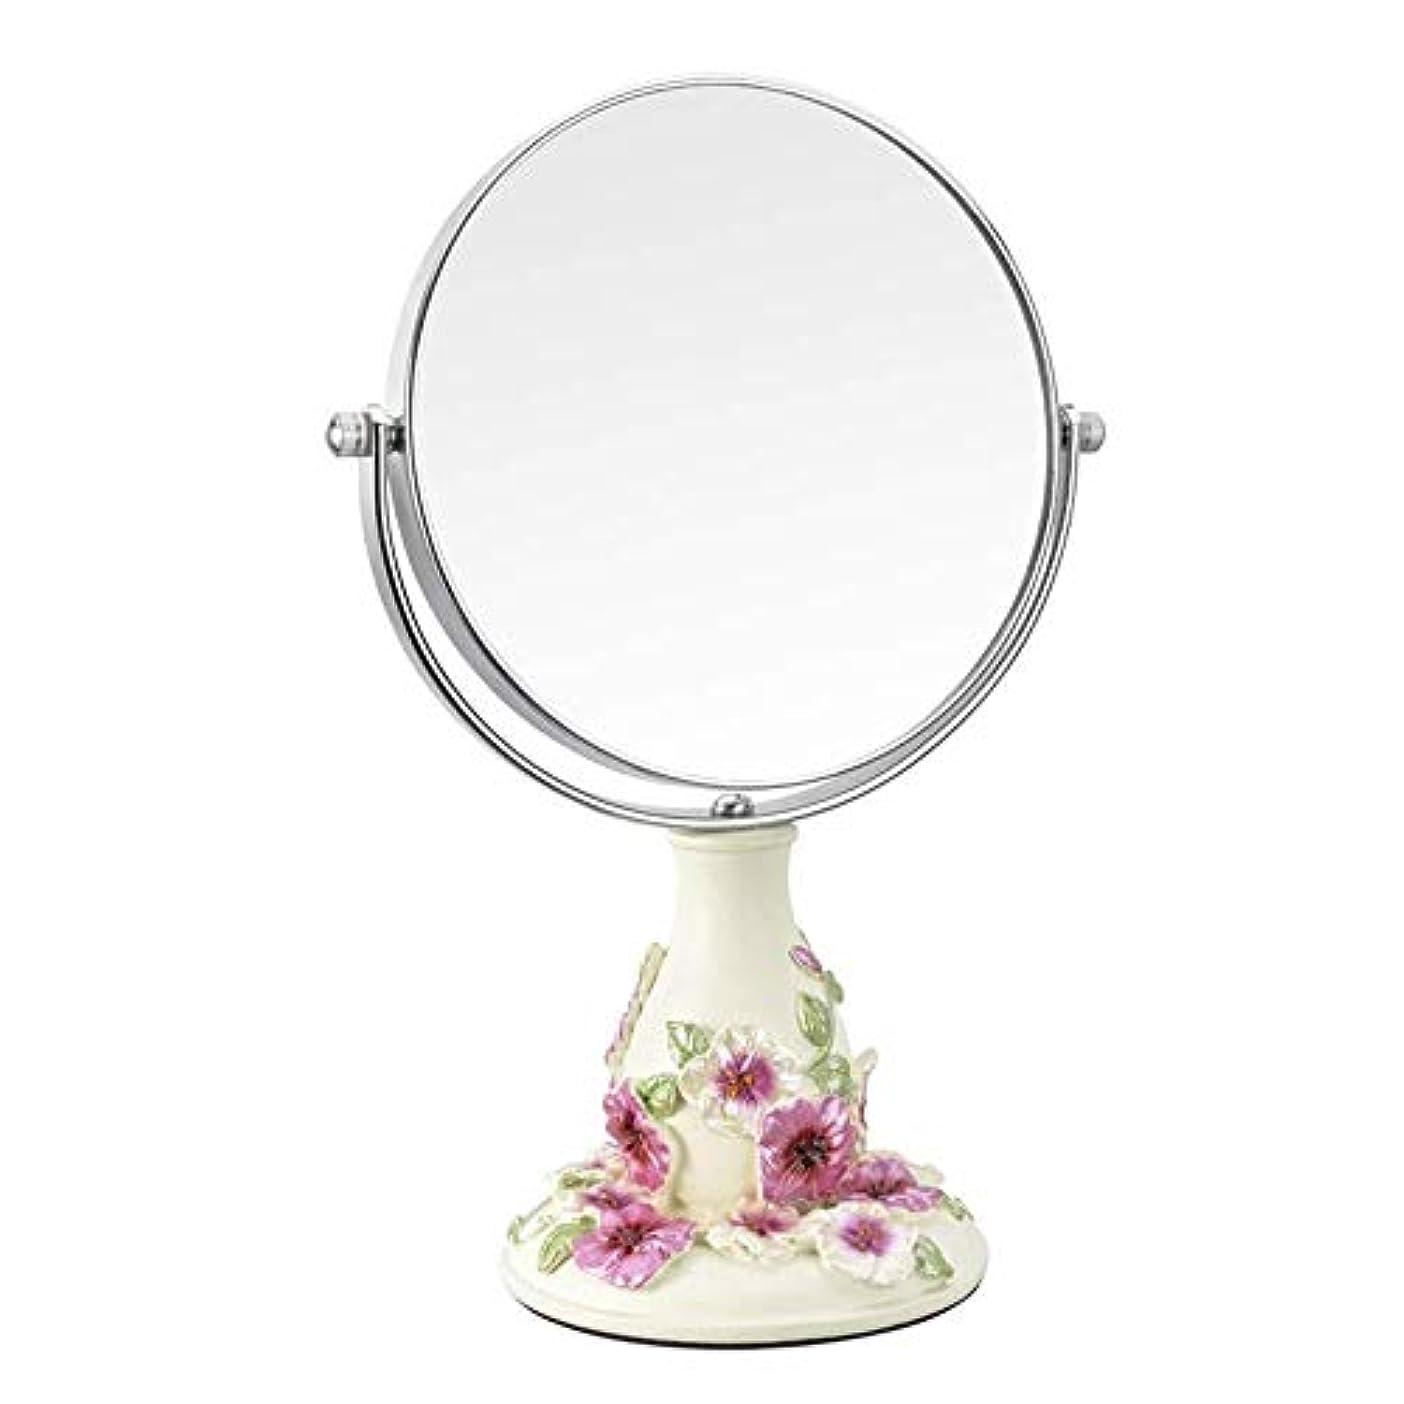 聖職者人気学習者流行の ビンテージ化粧鏡、鏡360°回転スタンド、1倍と3倍の倍率、ラウンドダブル両面回転化粧鏡